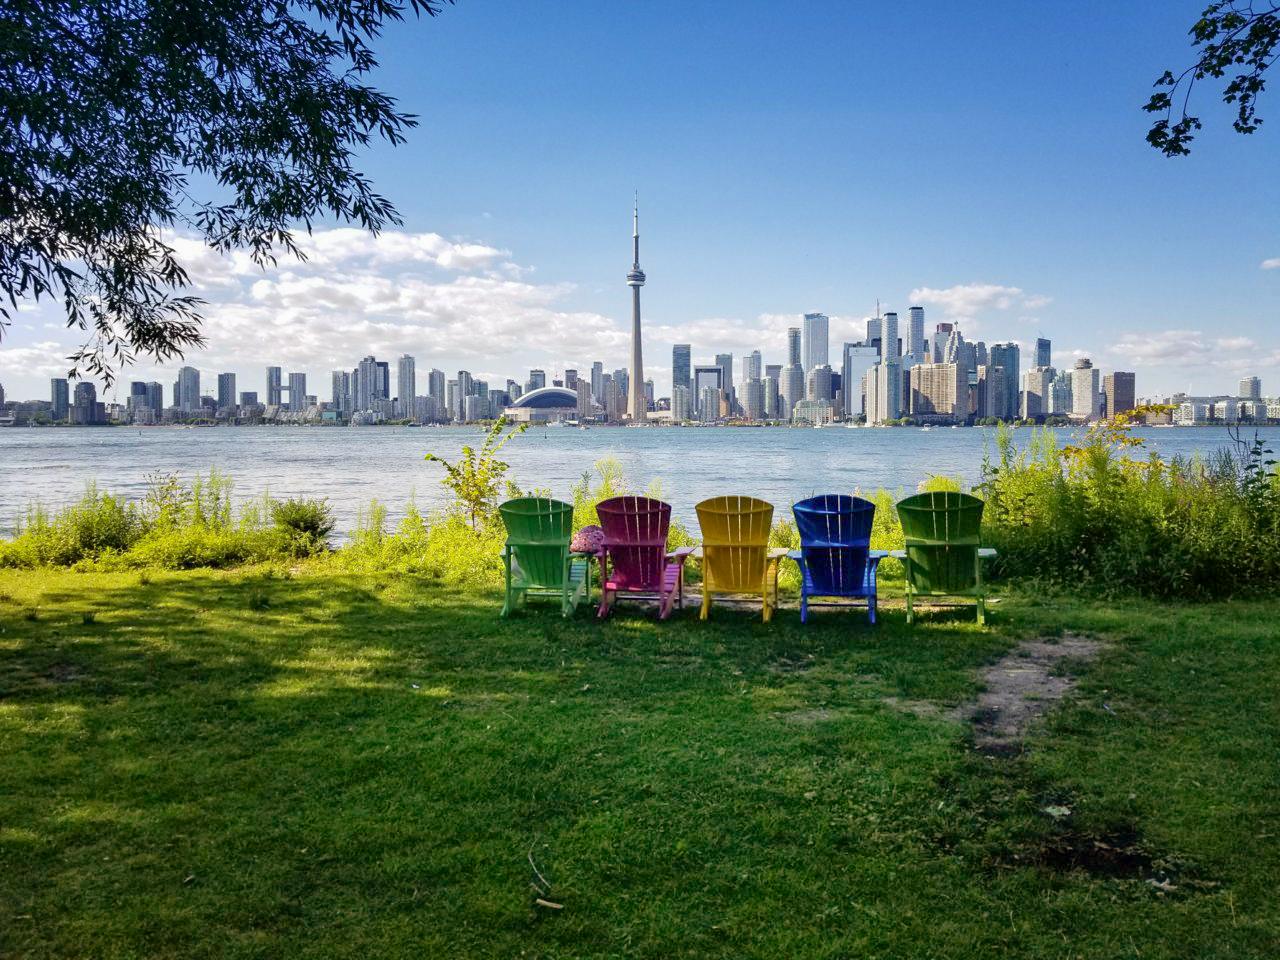 muskoka chairs -toronto island.jpg